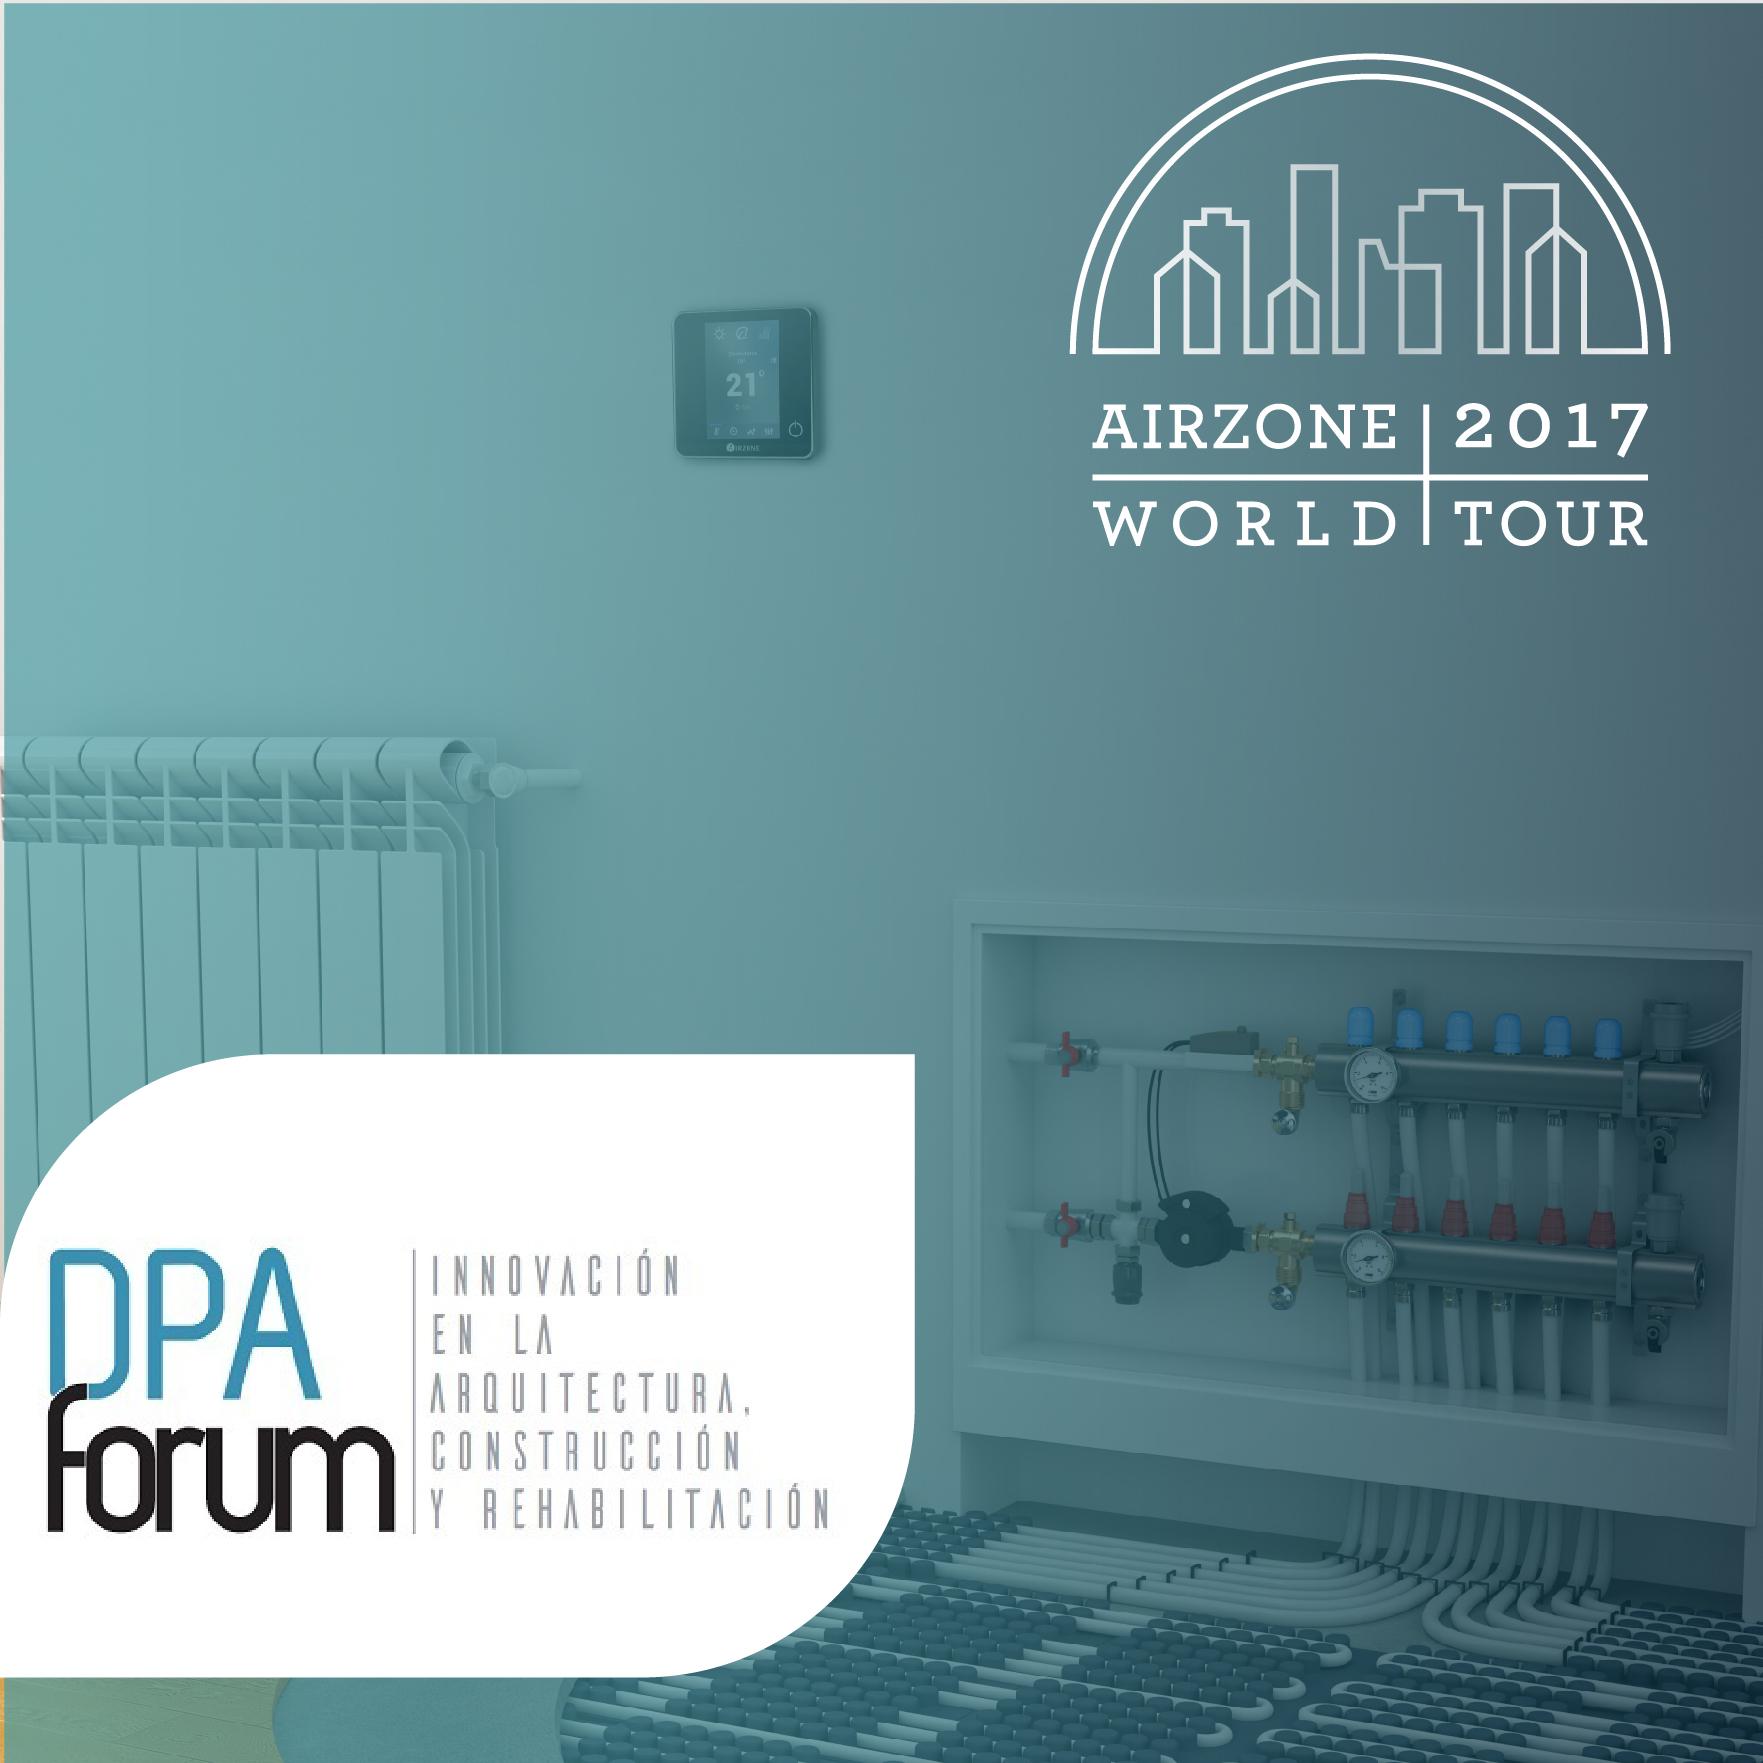 Formación: I Foro de Innovación en la Arquitectura, Construcción y Rehabilitación - DPAForum Bilbao